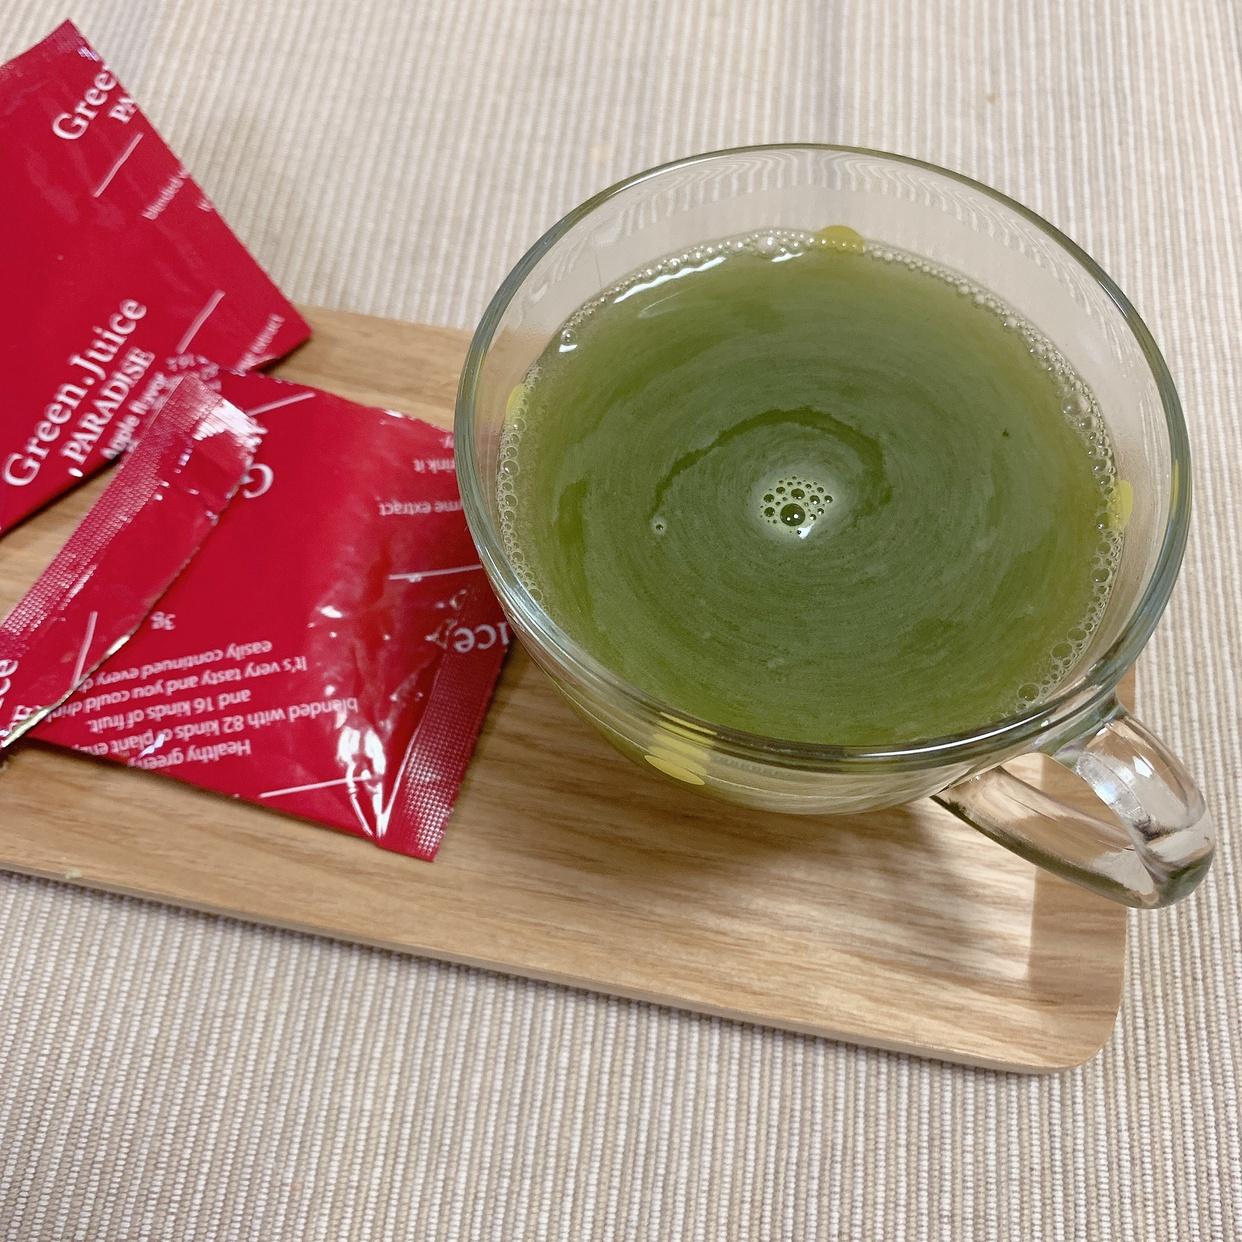 JAPANGALS(ジャパンギャルズ)グリーンジュース パラダイスを使った⸝⸝⸝⸝ 𝑒𝑘𝑎さんのクチコミ画像1